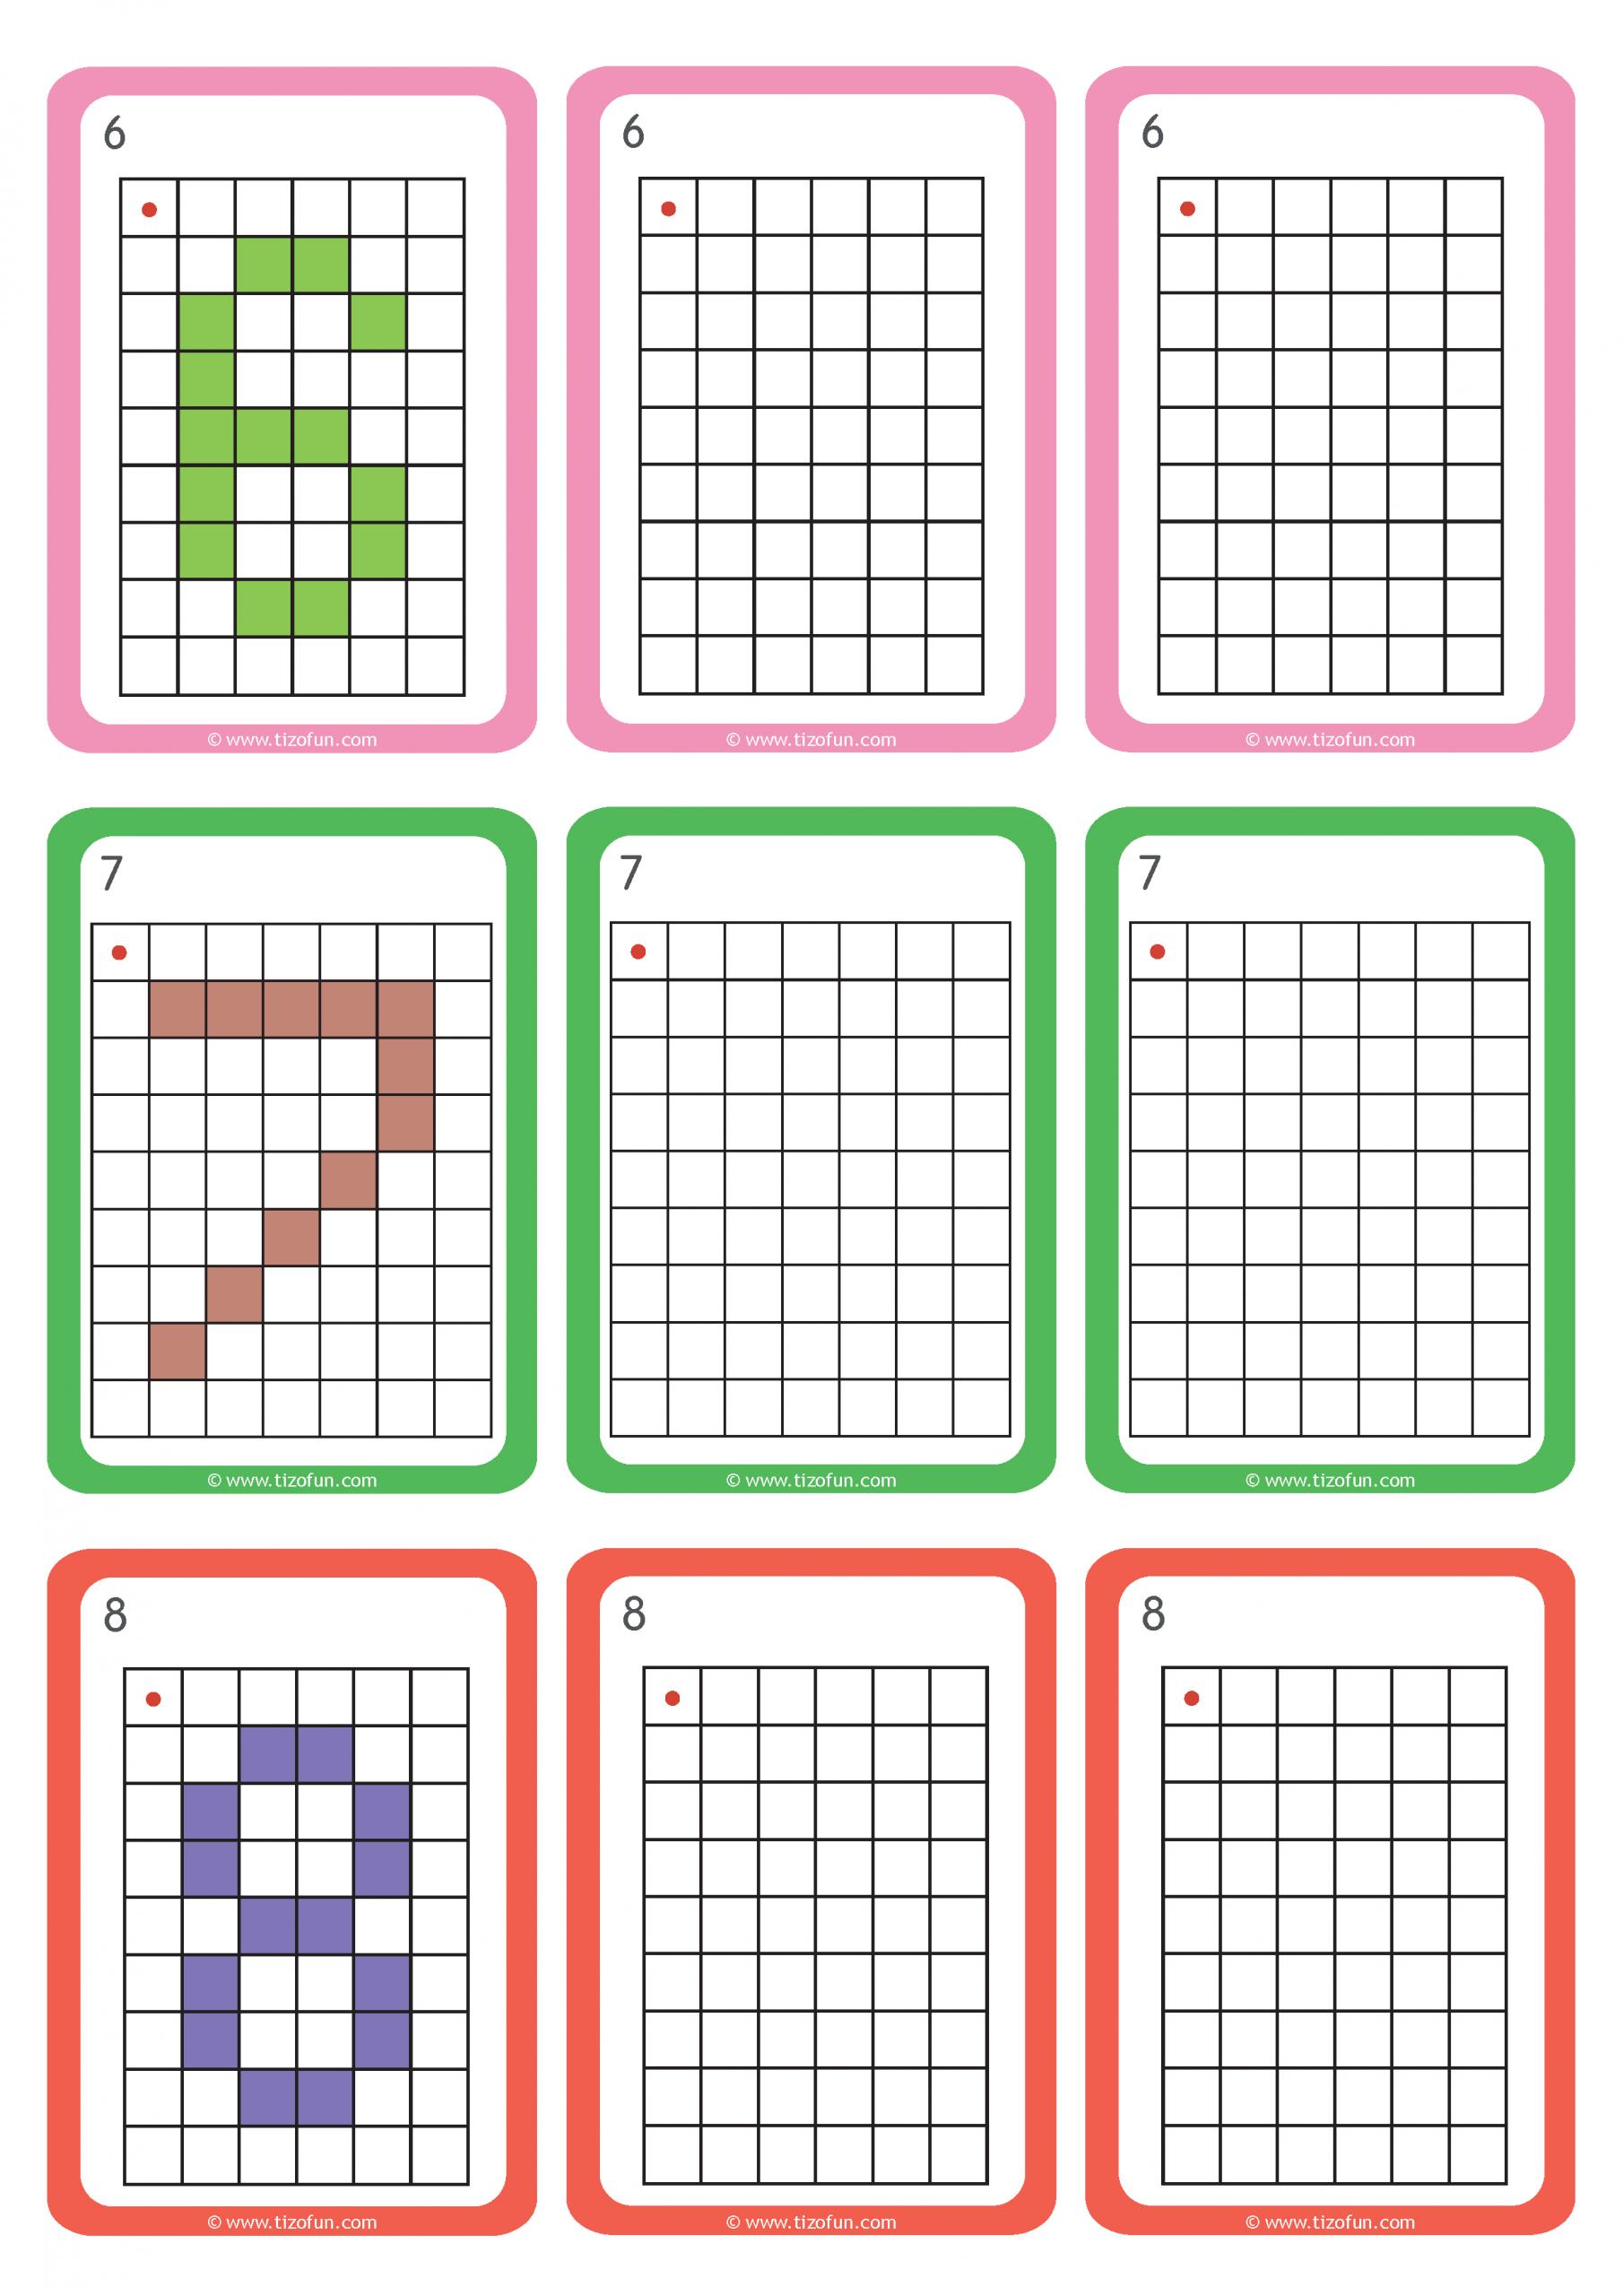 Maths-Deplacement-Dans-Un-Quadrillage-Reproduire-Les encequiconcerne Repérage Sur Quadrillage Gs